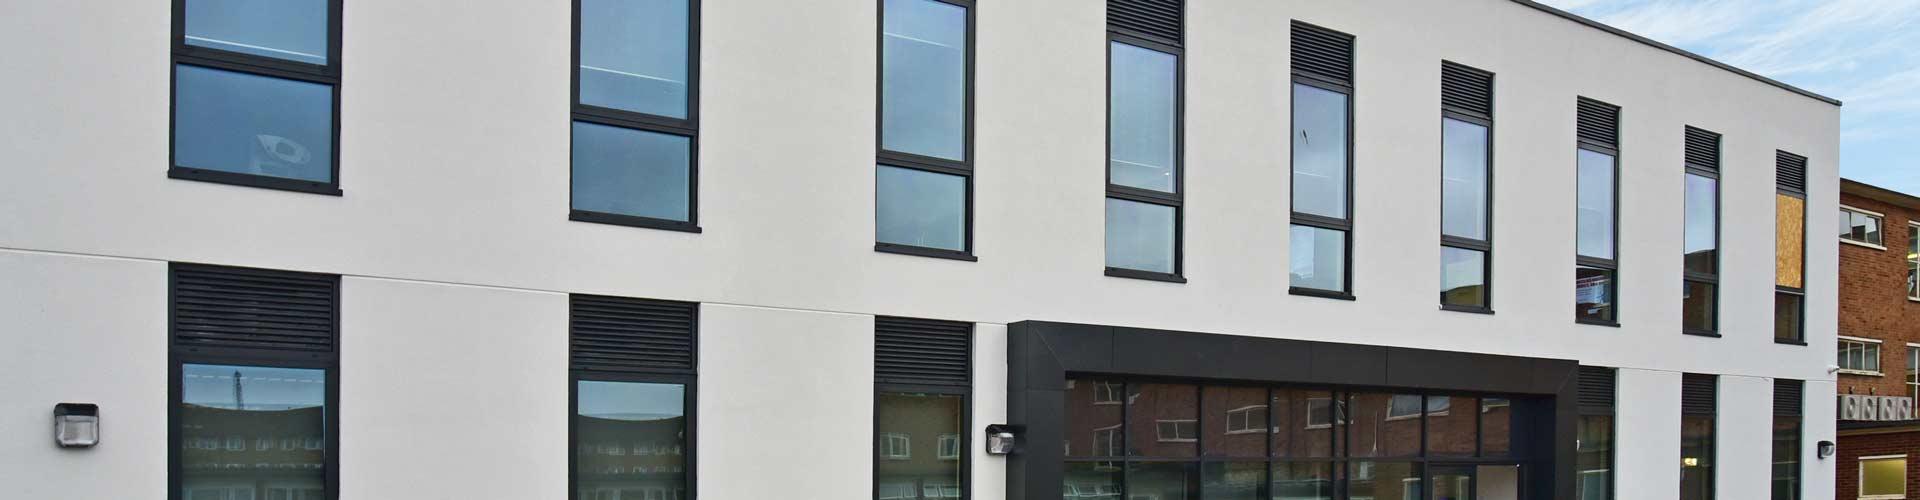 Insulated Render T&T Facades Robert Clack School